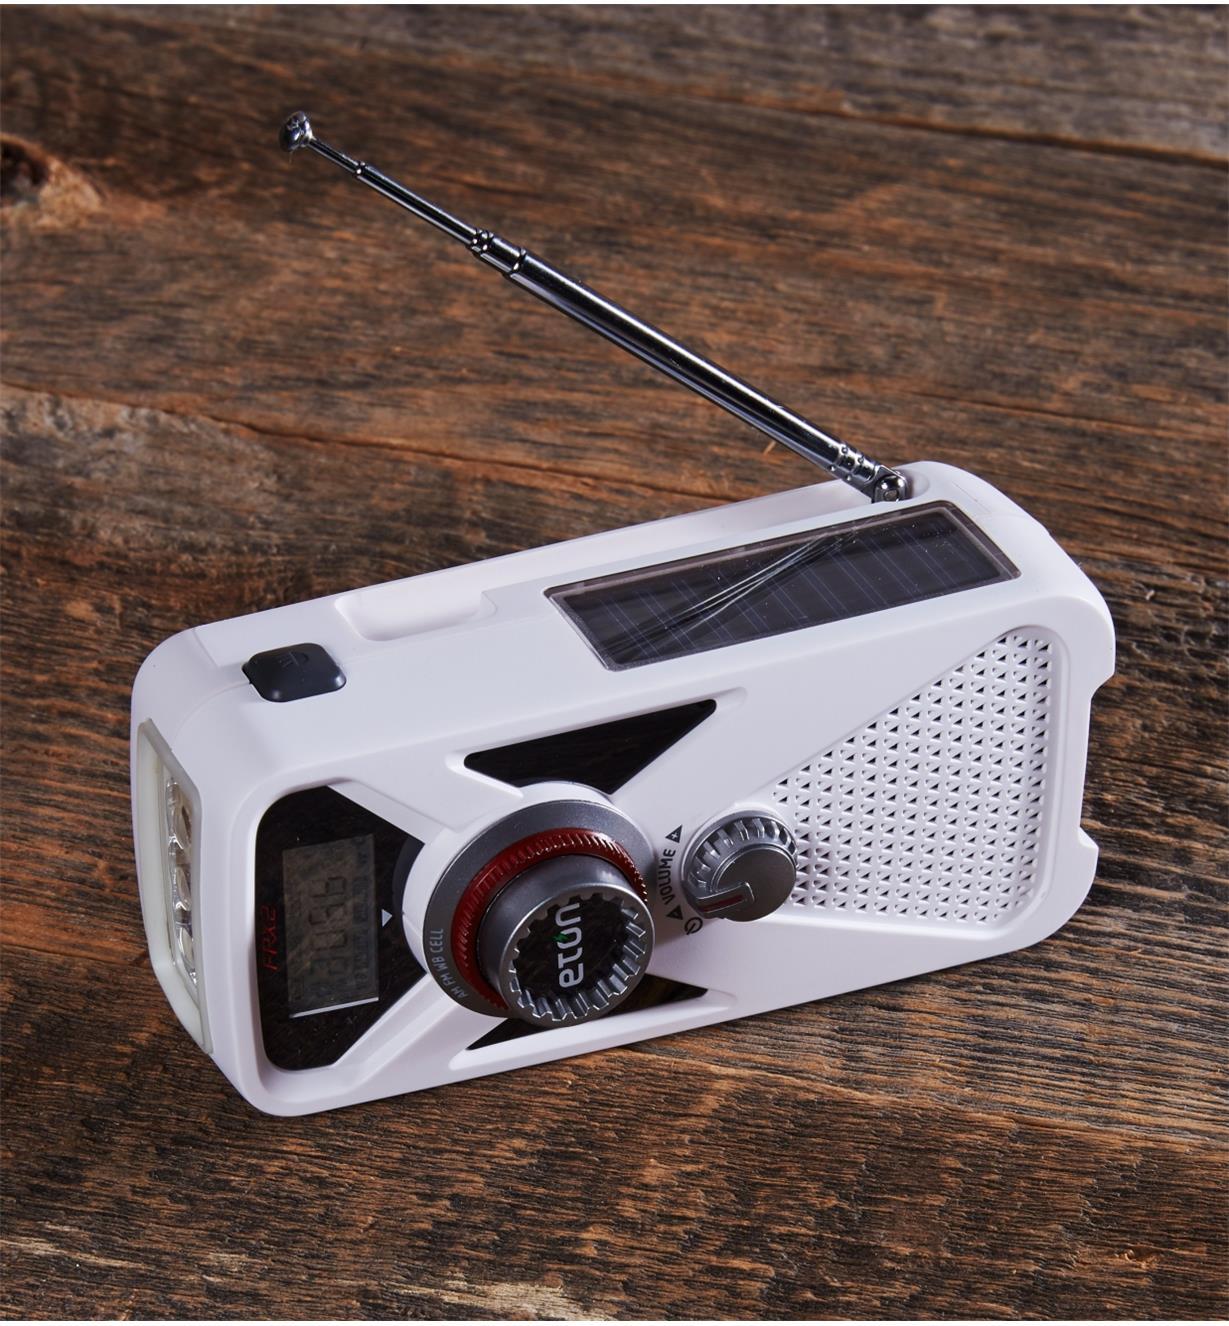 KC522 - Eton Crank Emergency Weather Radio